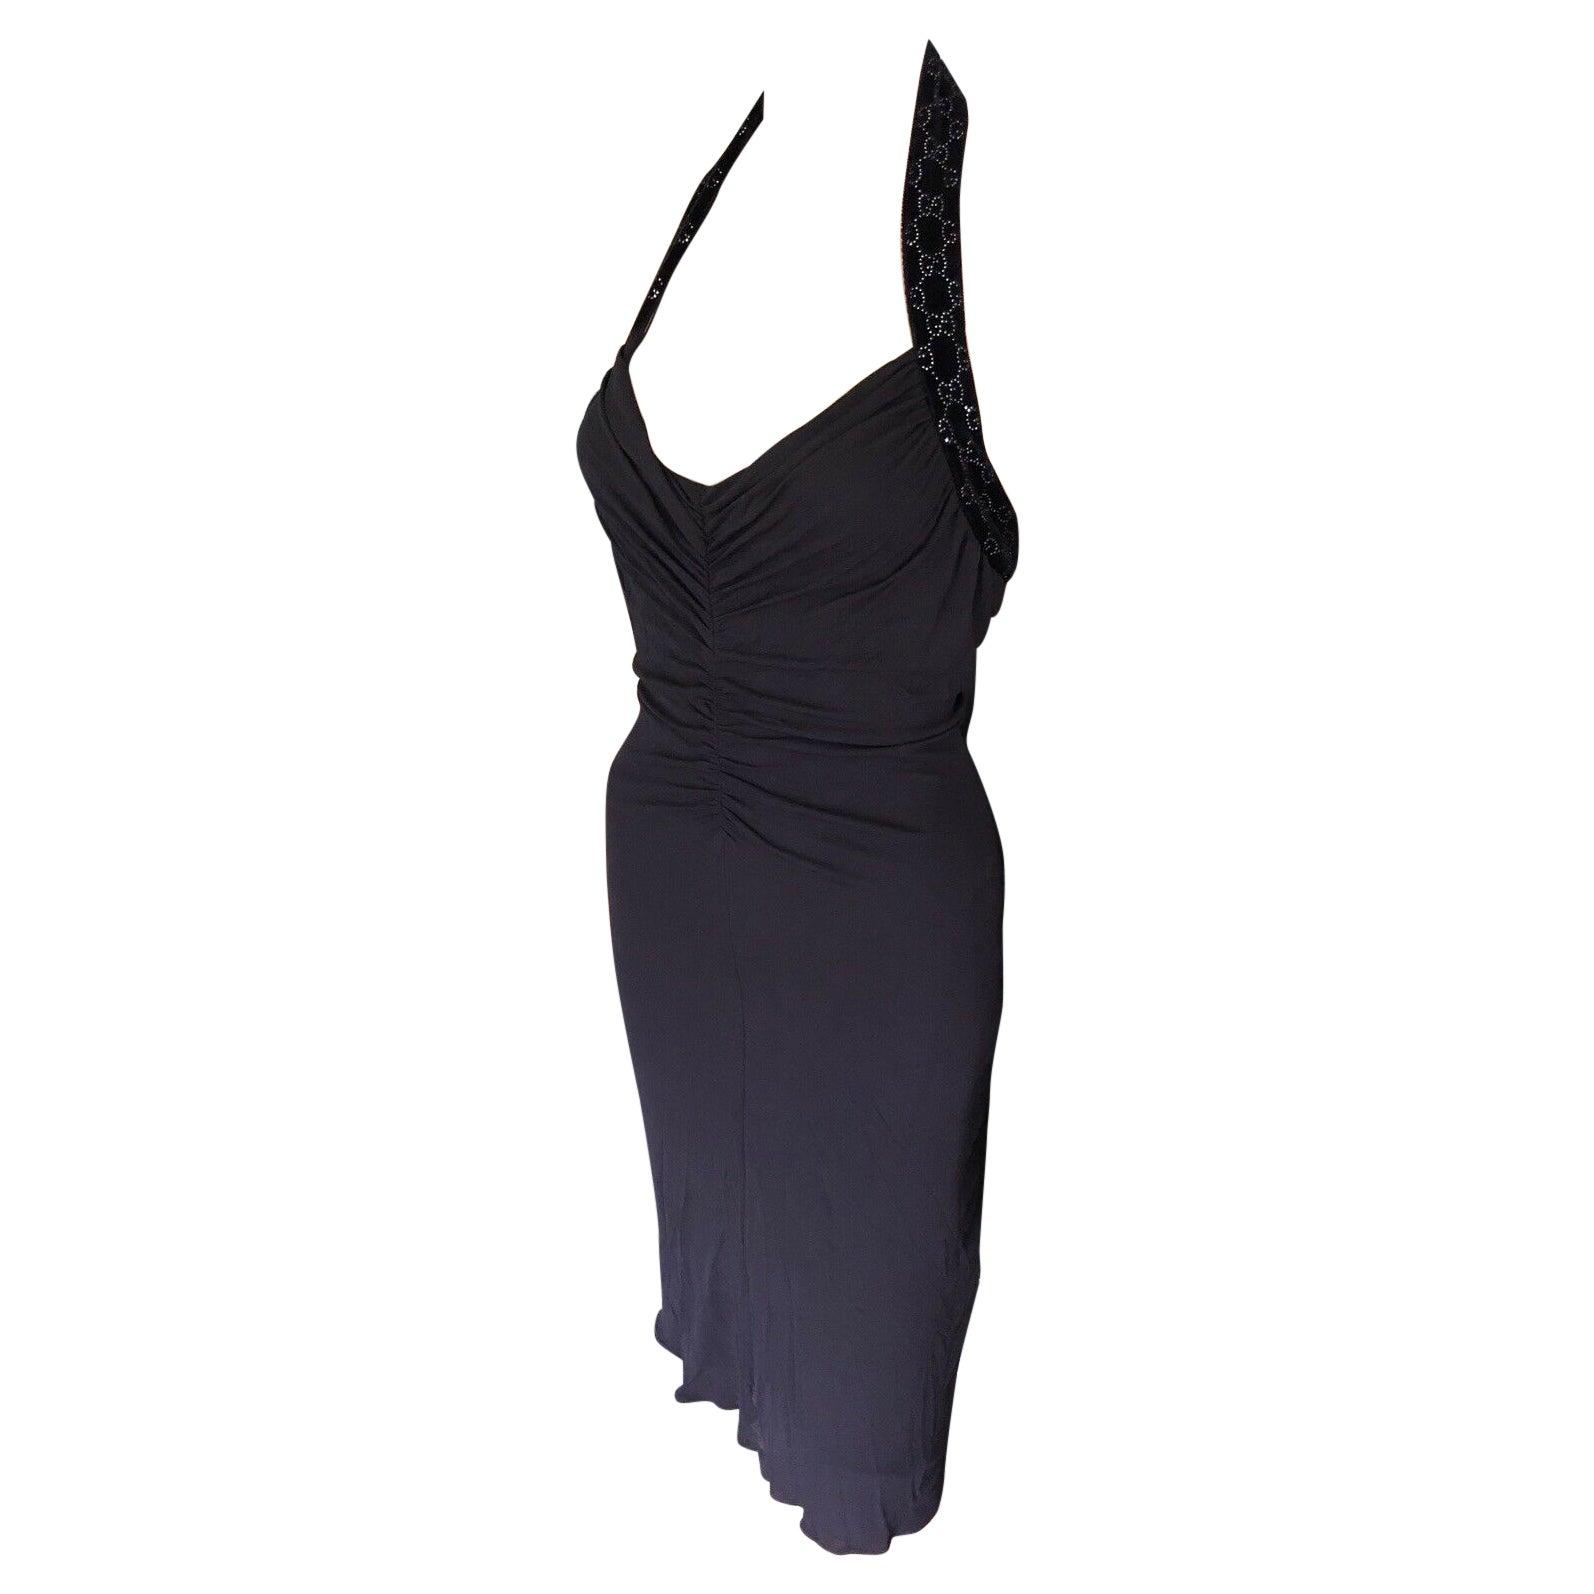 Gucci Embellished Halter Open Back Dress